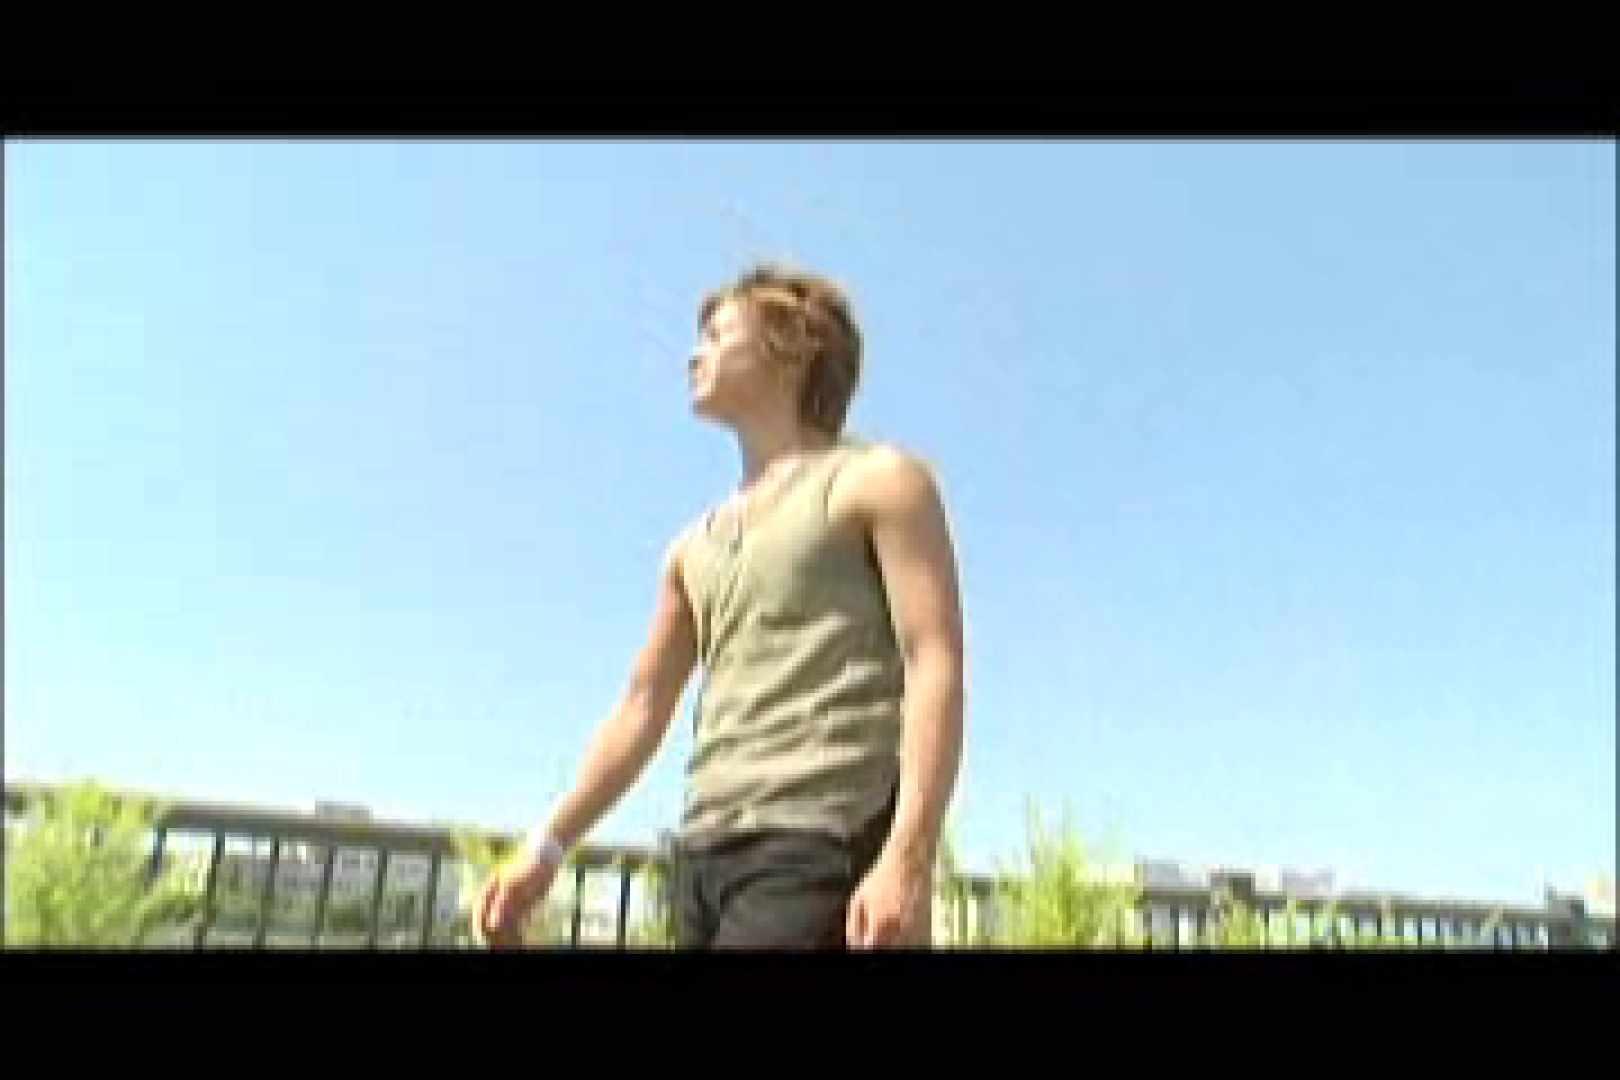 イケメン☆パラダイス〜男ざかりの君たちへ〜vol.14 男のゲイ天国 | イケメン特集  8枚 1